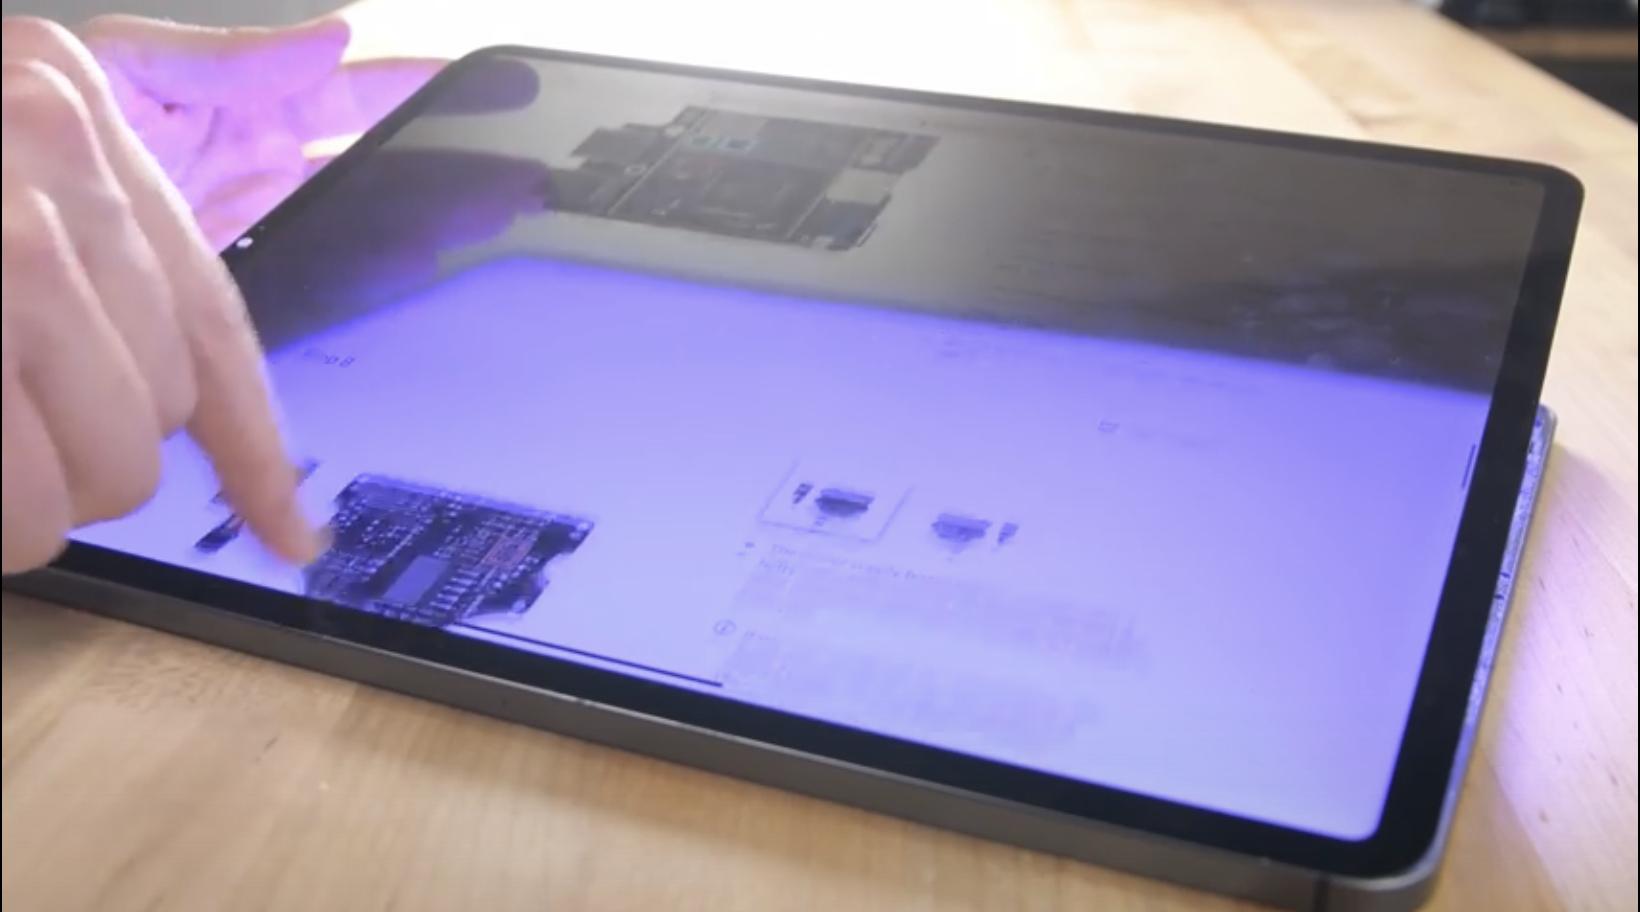 Pantalla Liquid Retina XDR del iPad Pro con M1